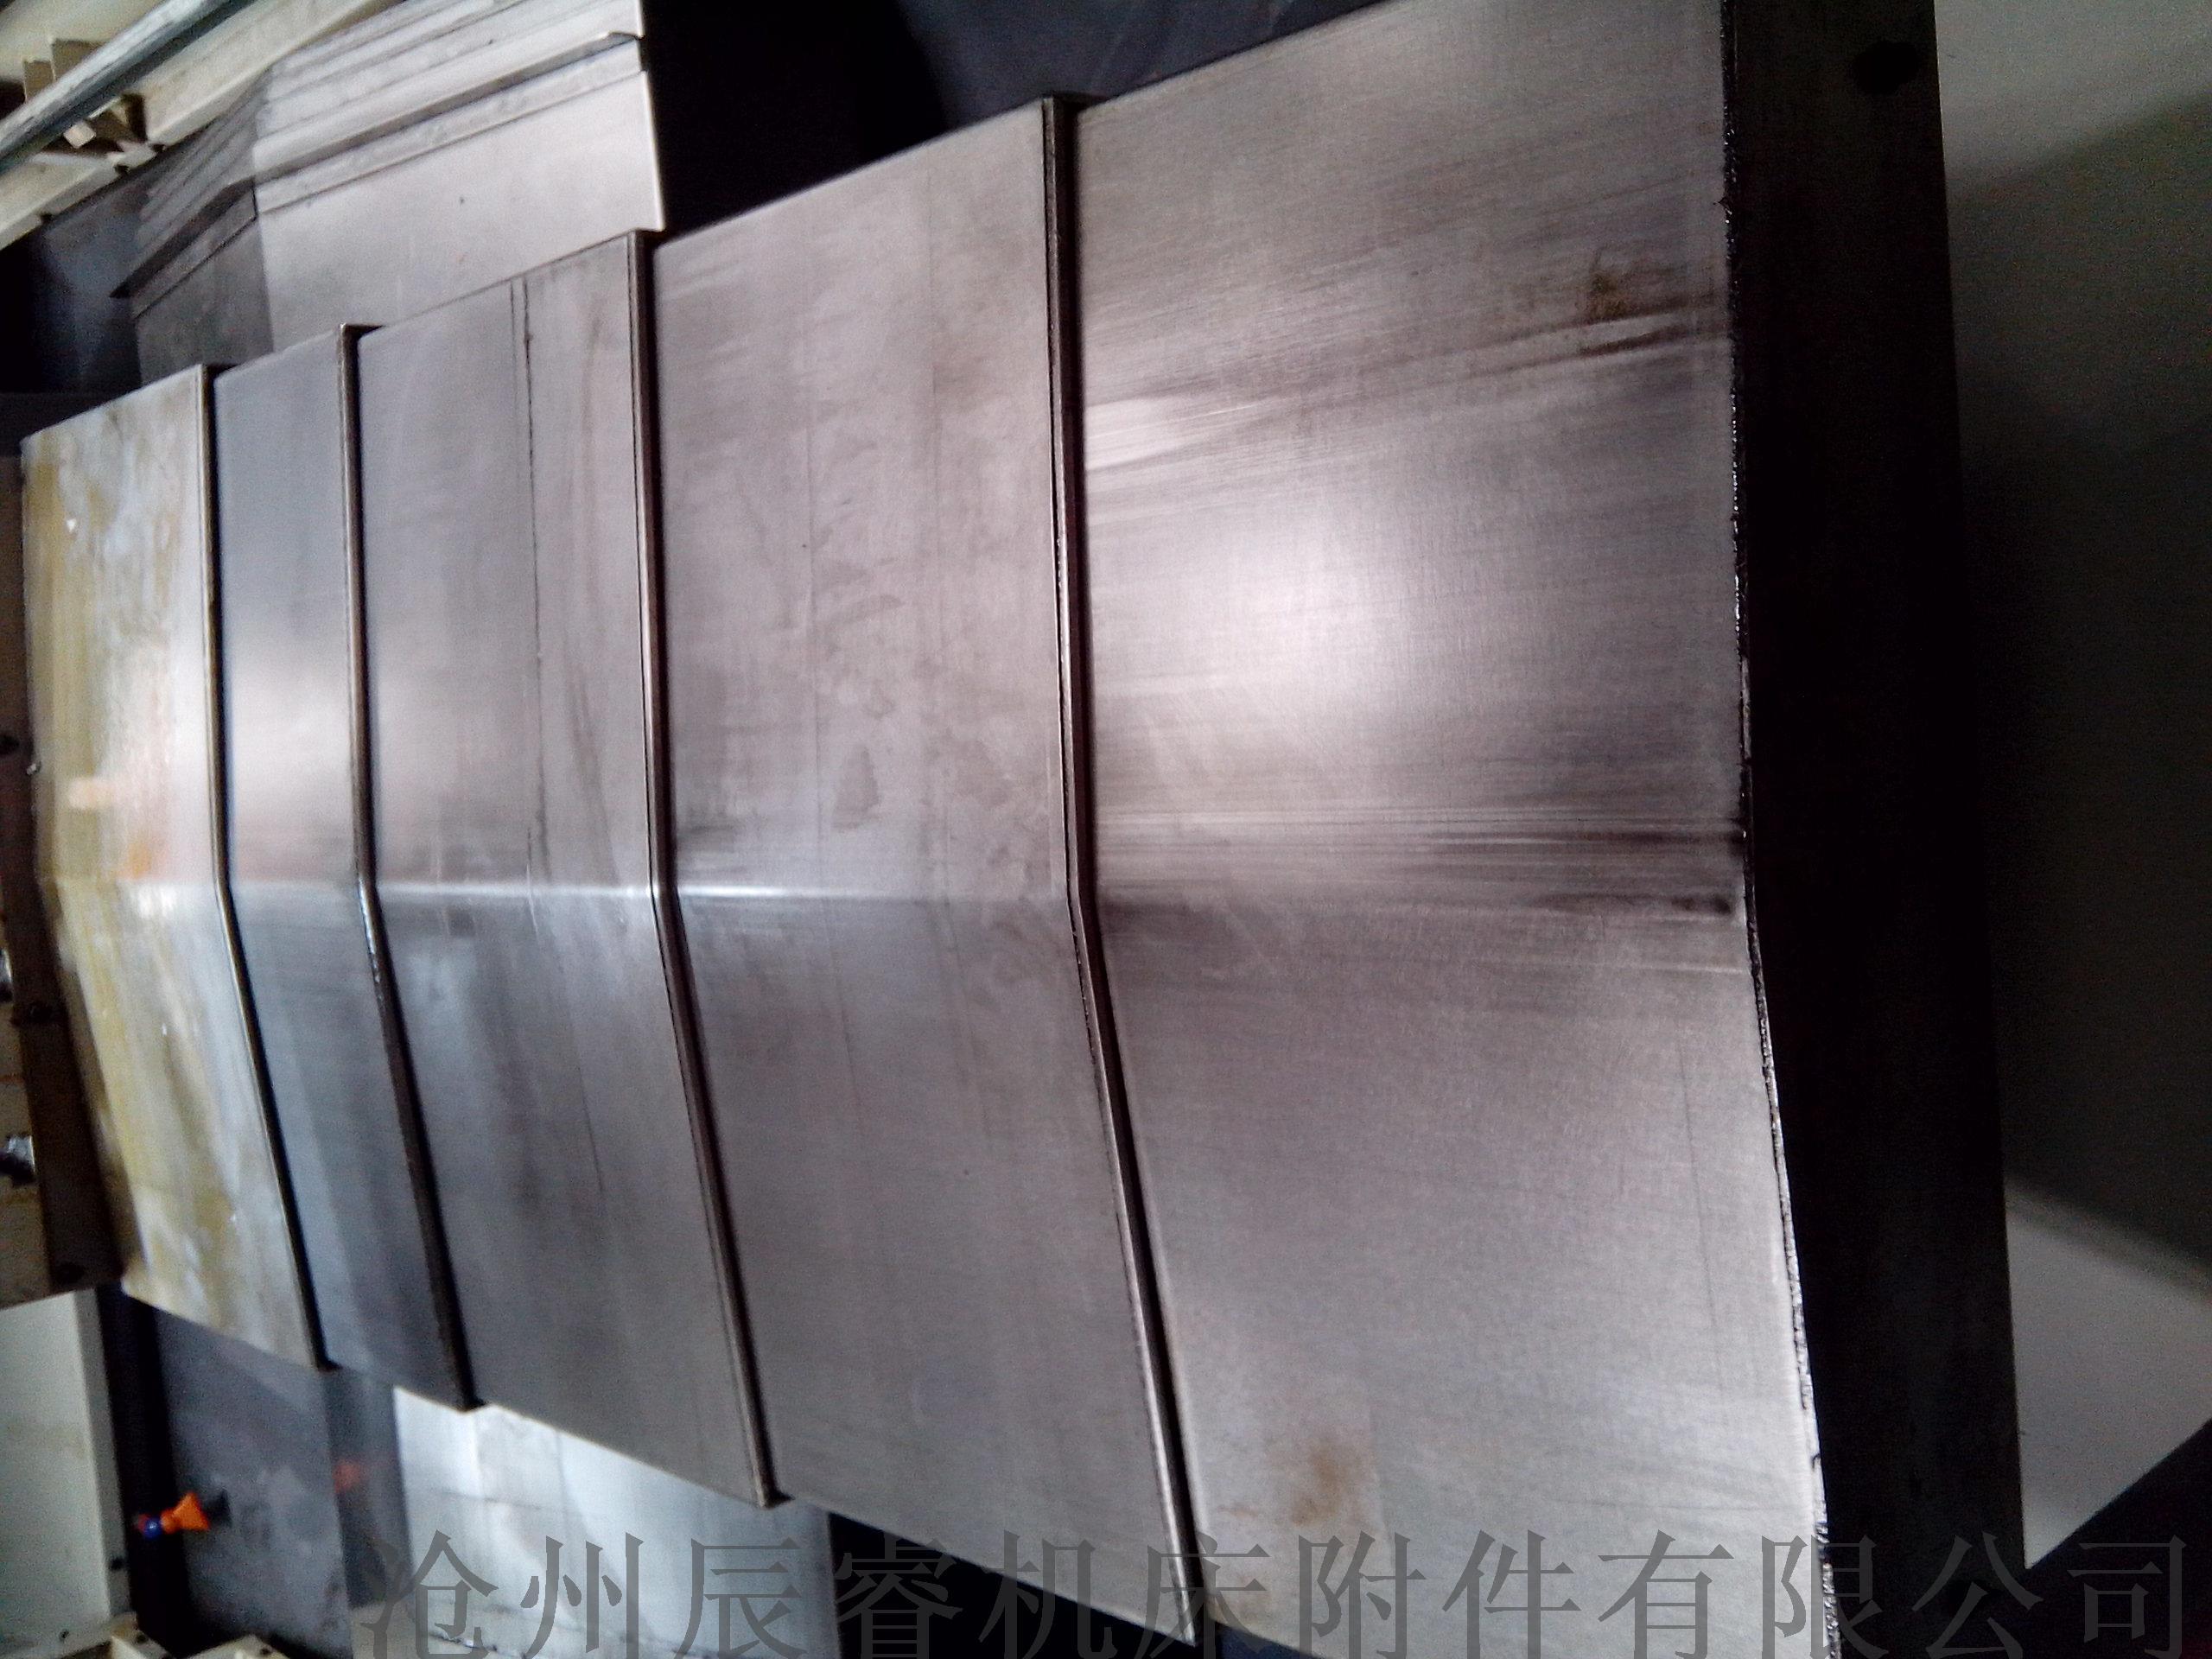 数控机床导轨钢制防护罩 沧州嵘实钢制防护罩827045605